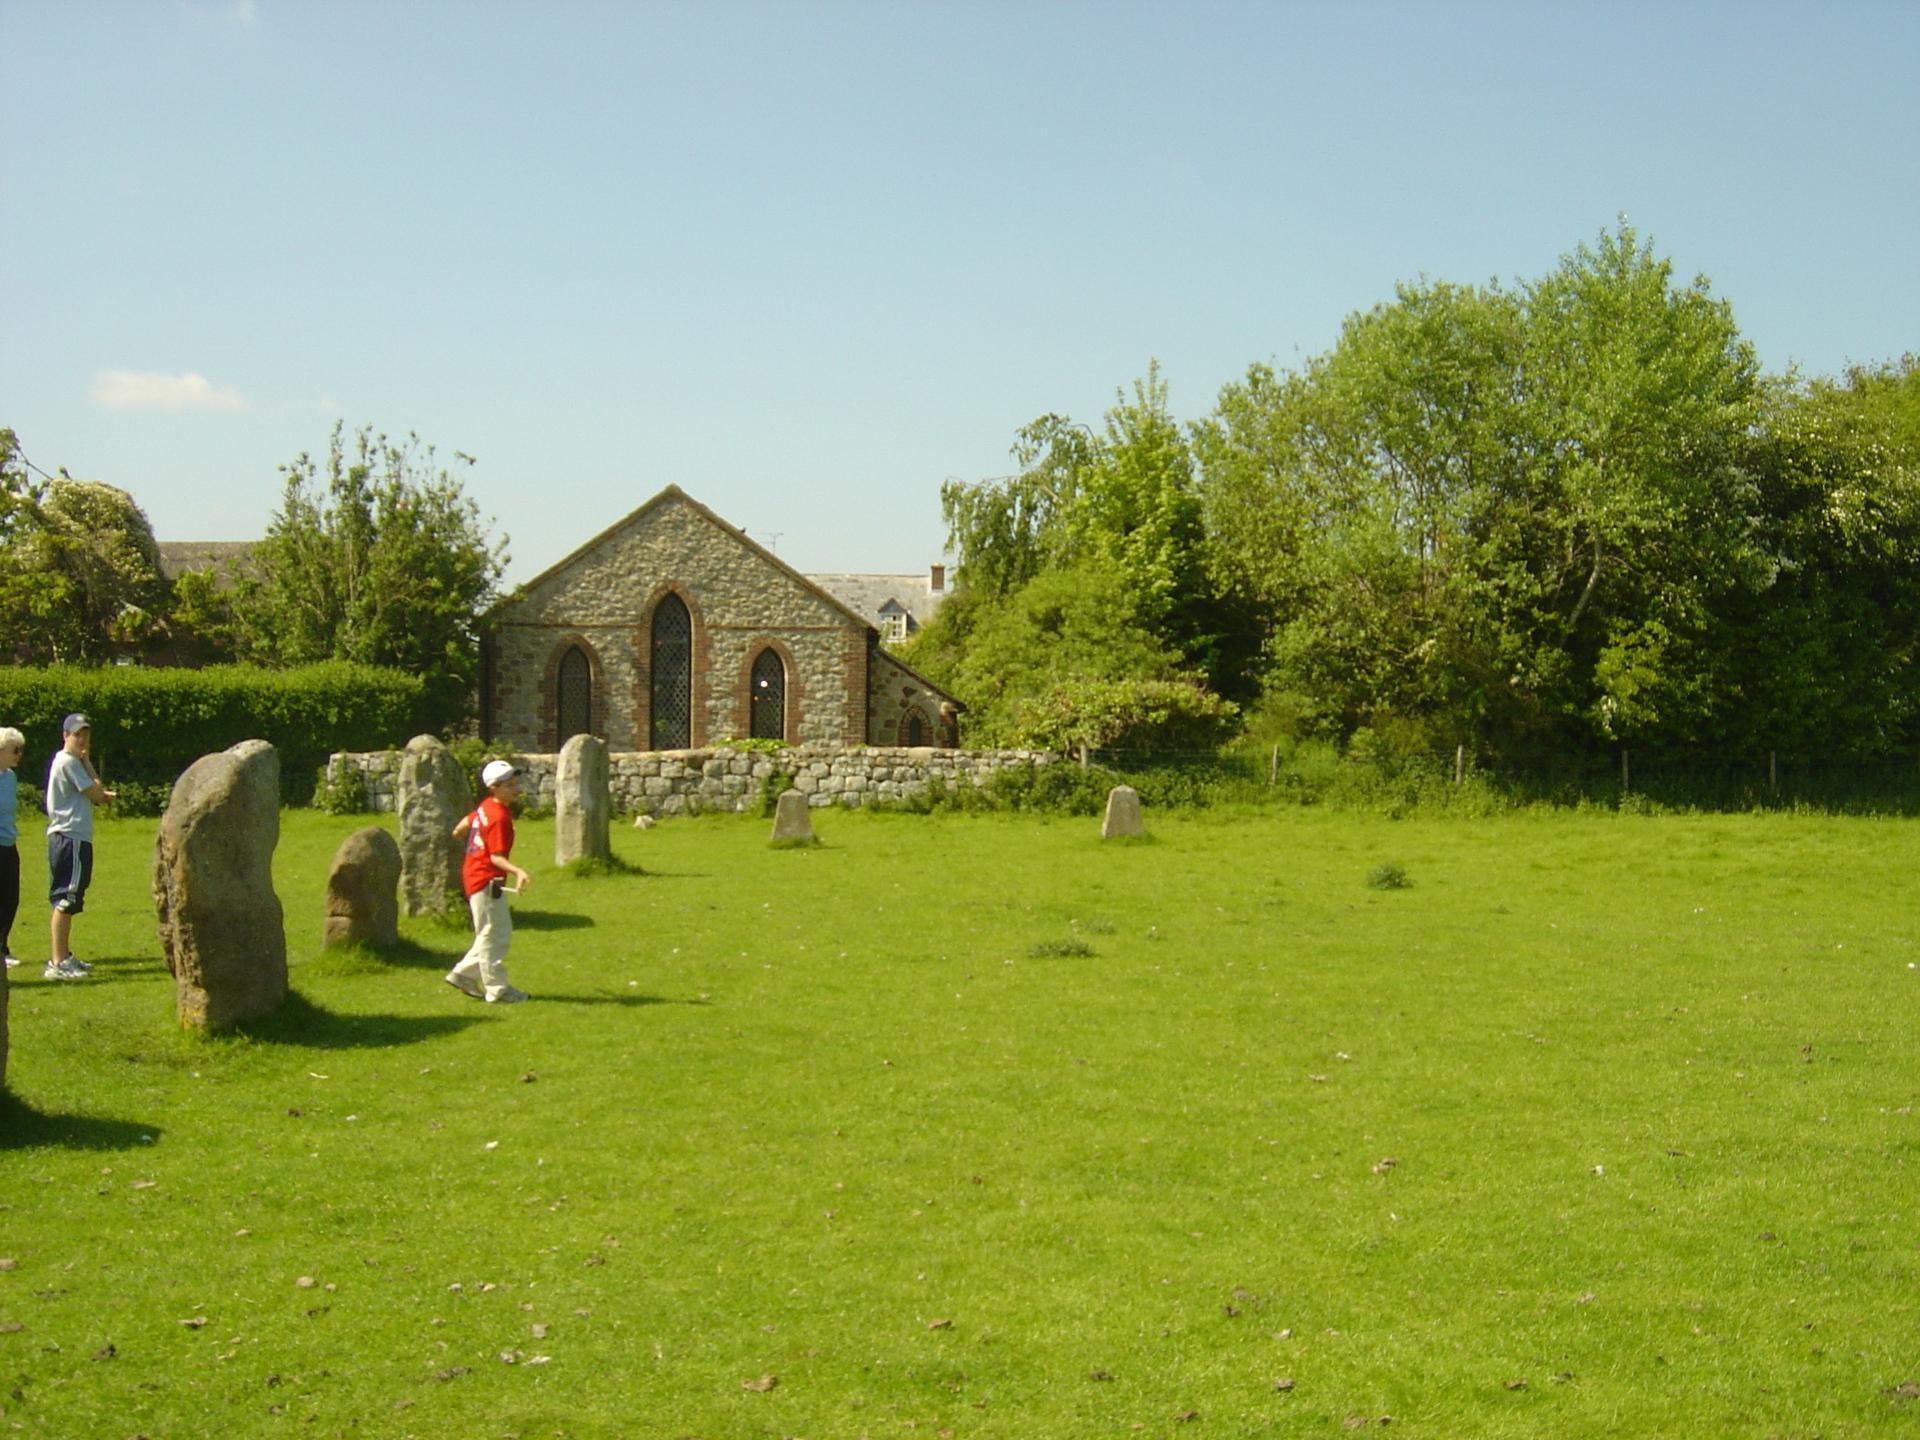 avebury-henge-near-stonehenge